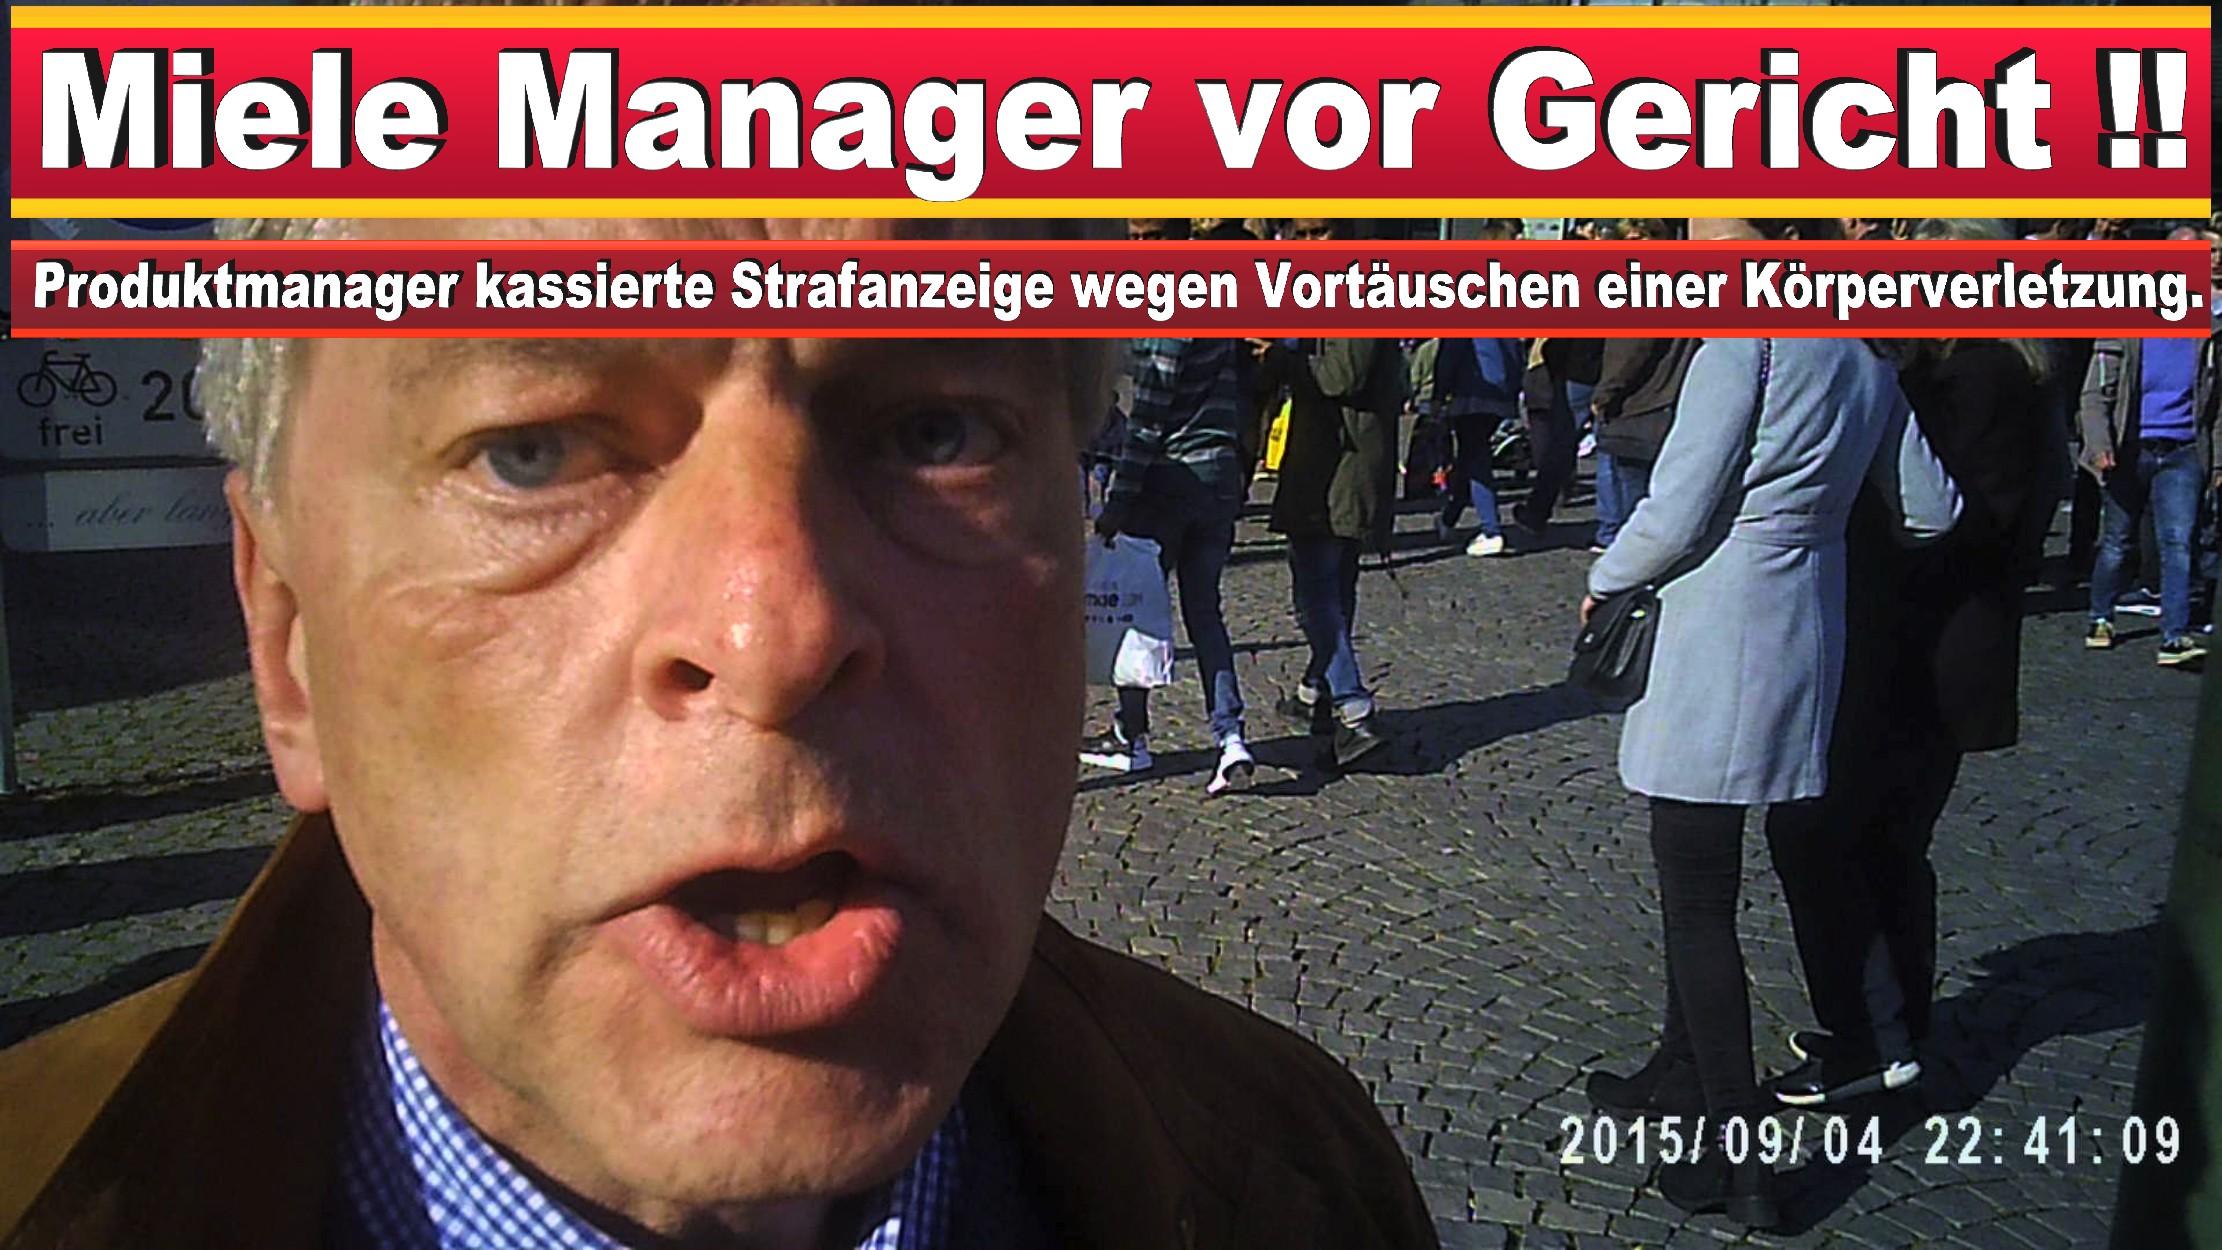 CDU BIELEFELD POLIZEIGEWALT GEWALTAUSBRUCH UND STRAFANZEIGE GEGEN EINEN JOURNALISTEN (15)